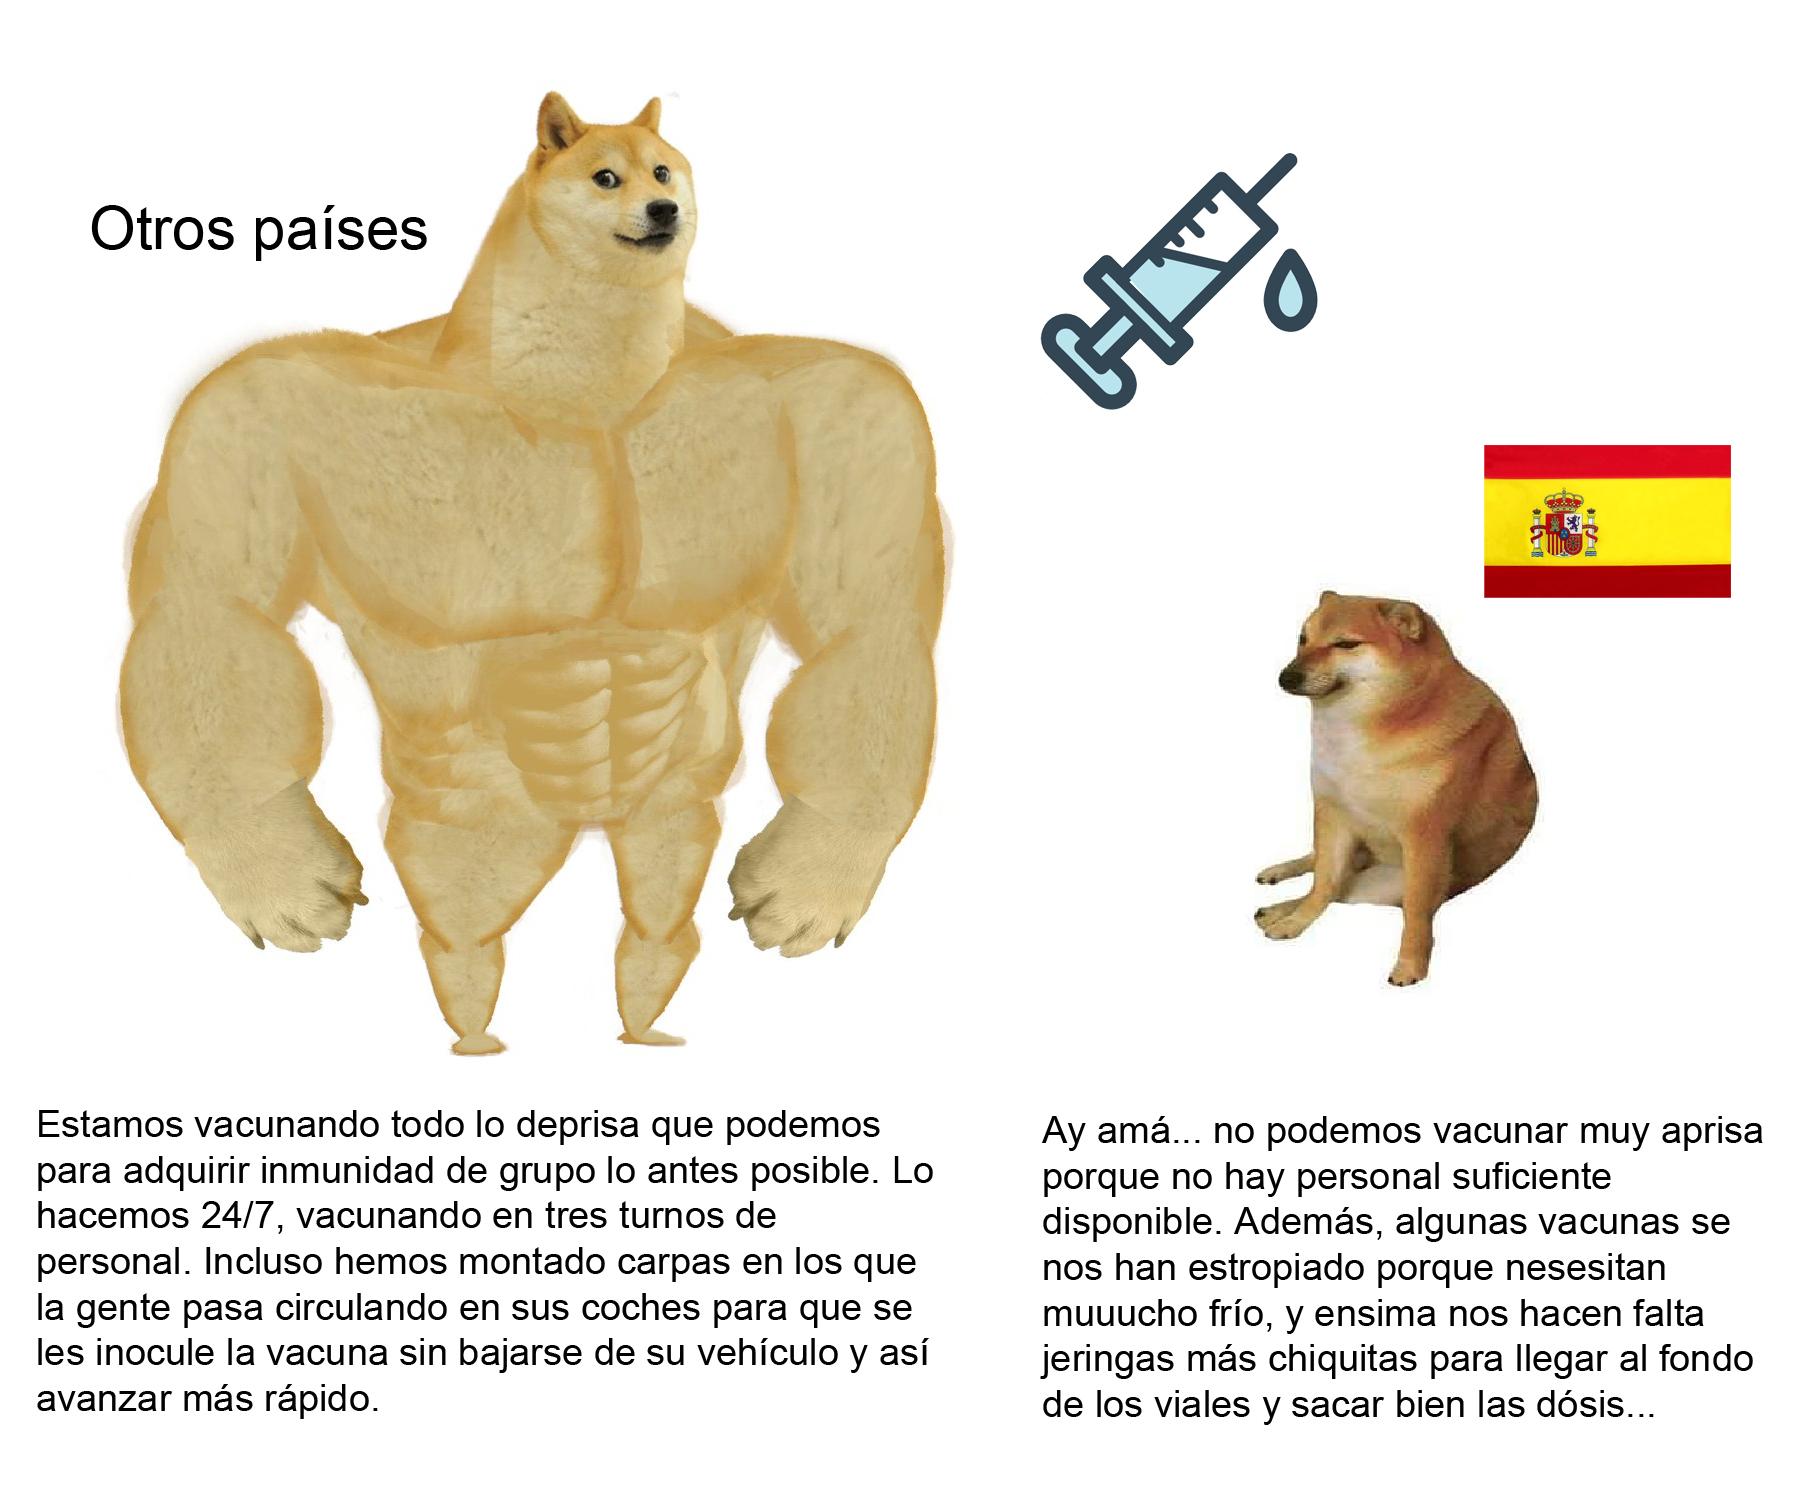 Vacunación: España vs otros países